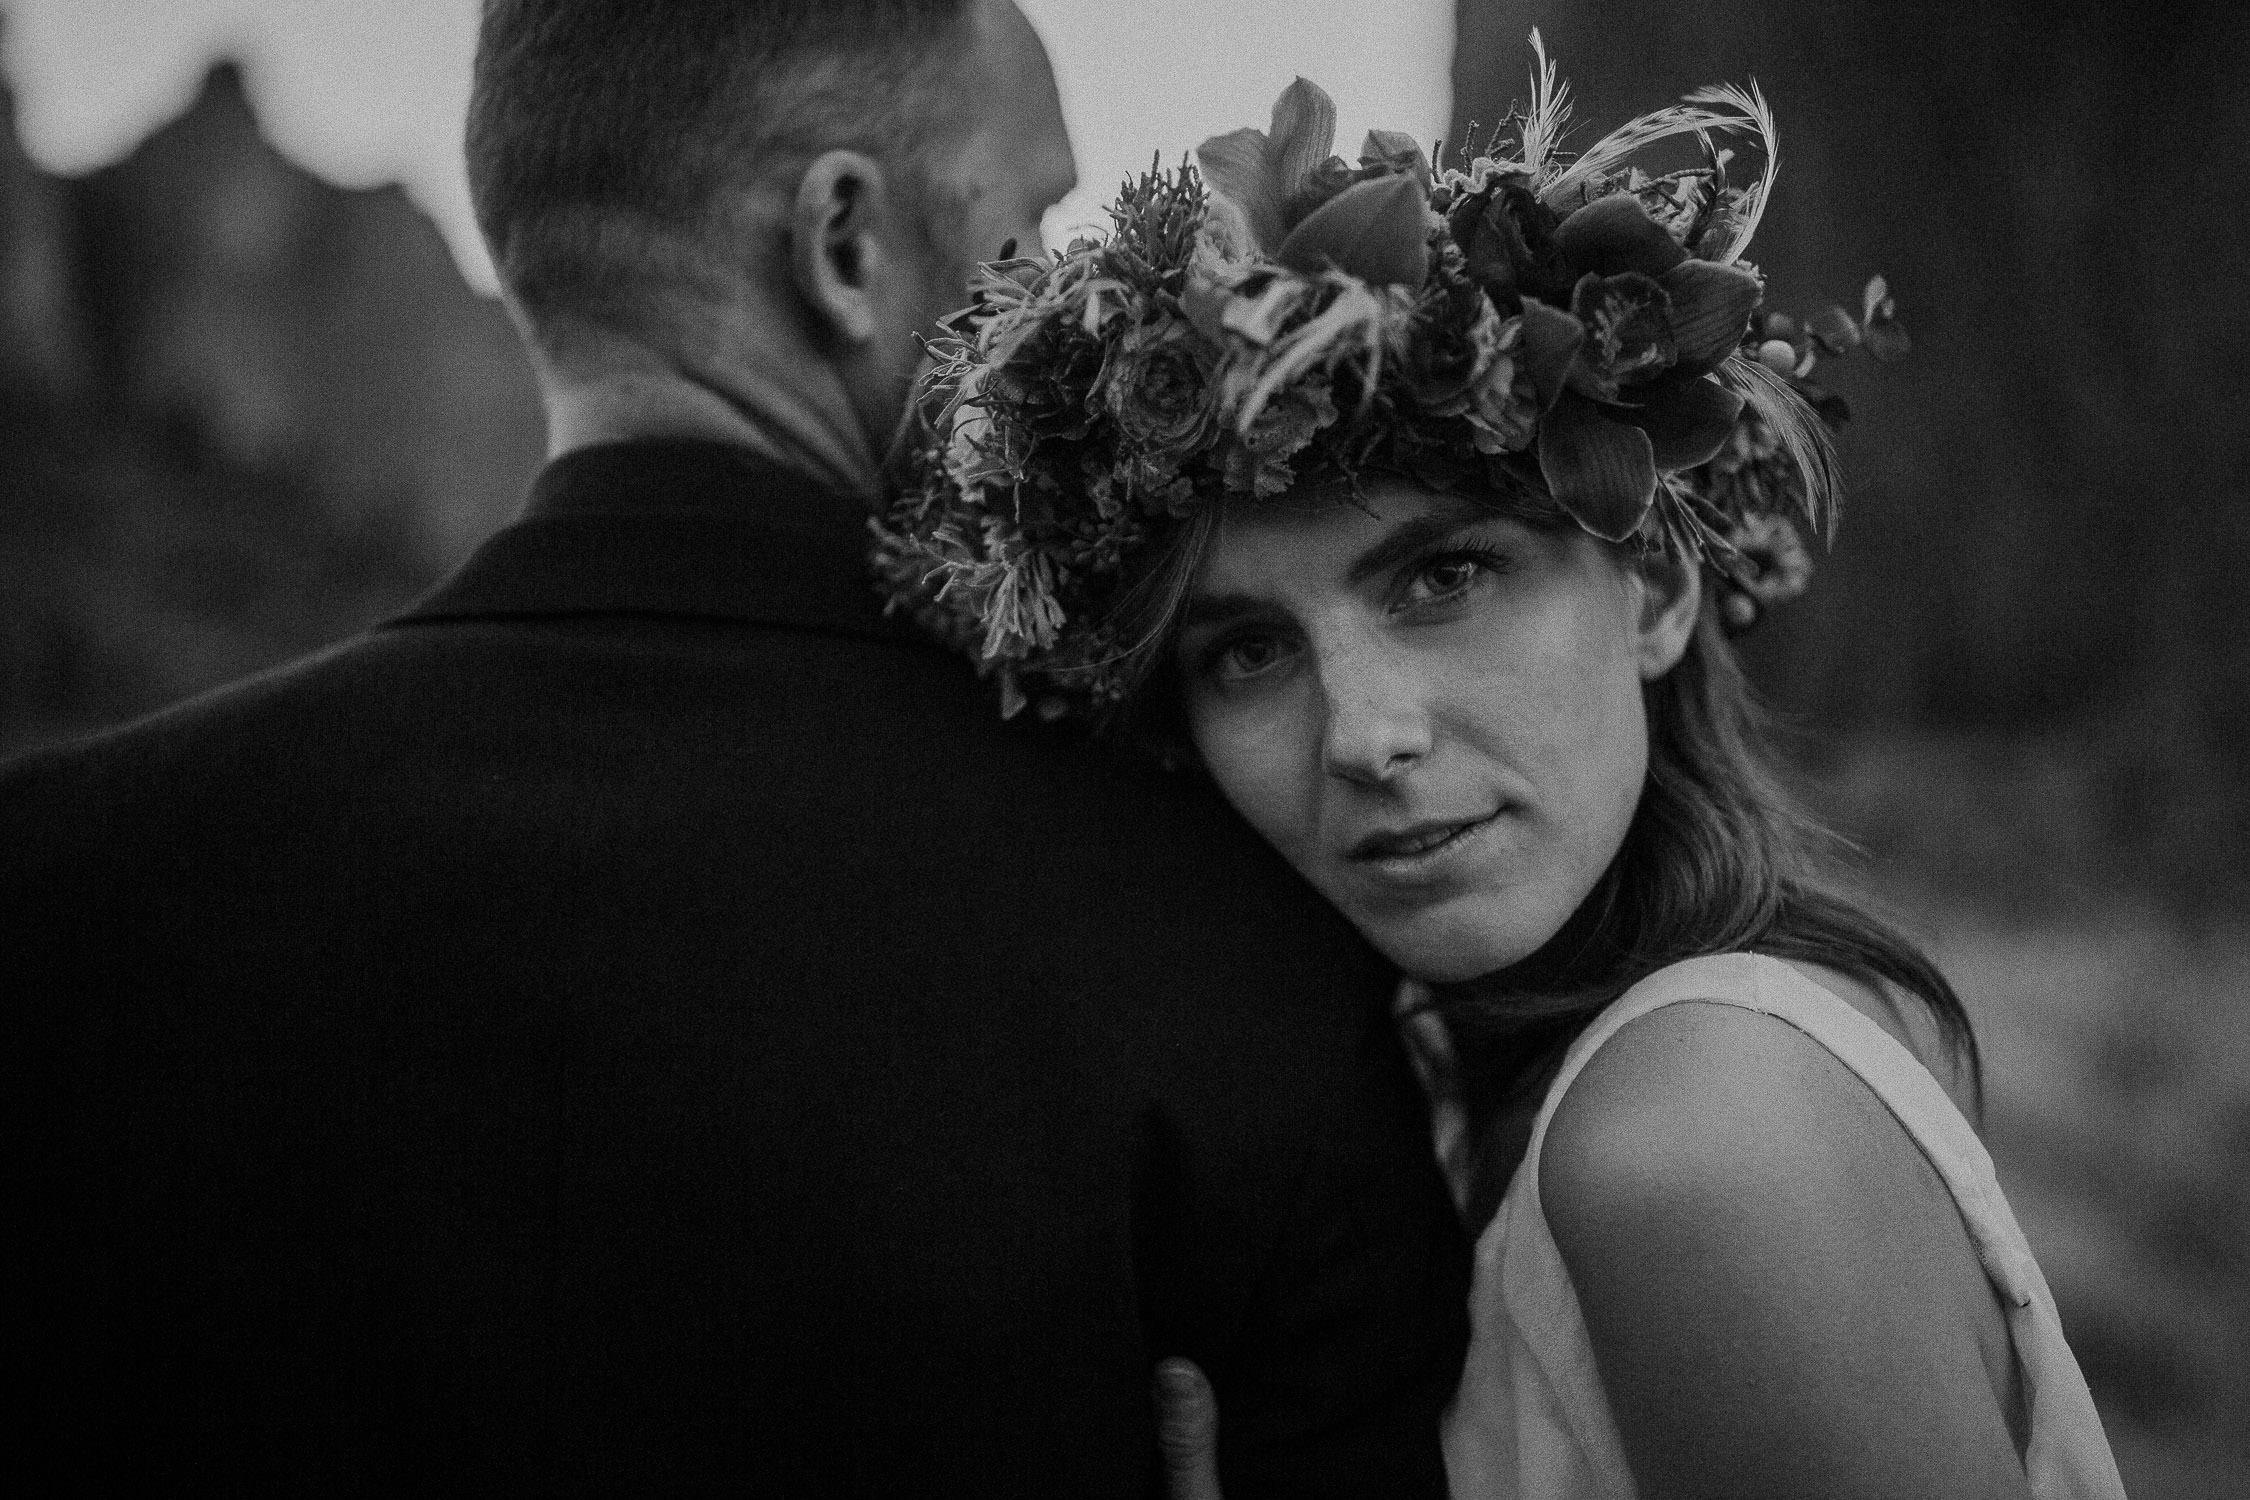 chicago-illinois-wedding-engagement-elopement-photographer-kyle-szeto-photography-40